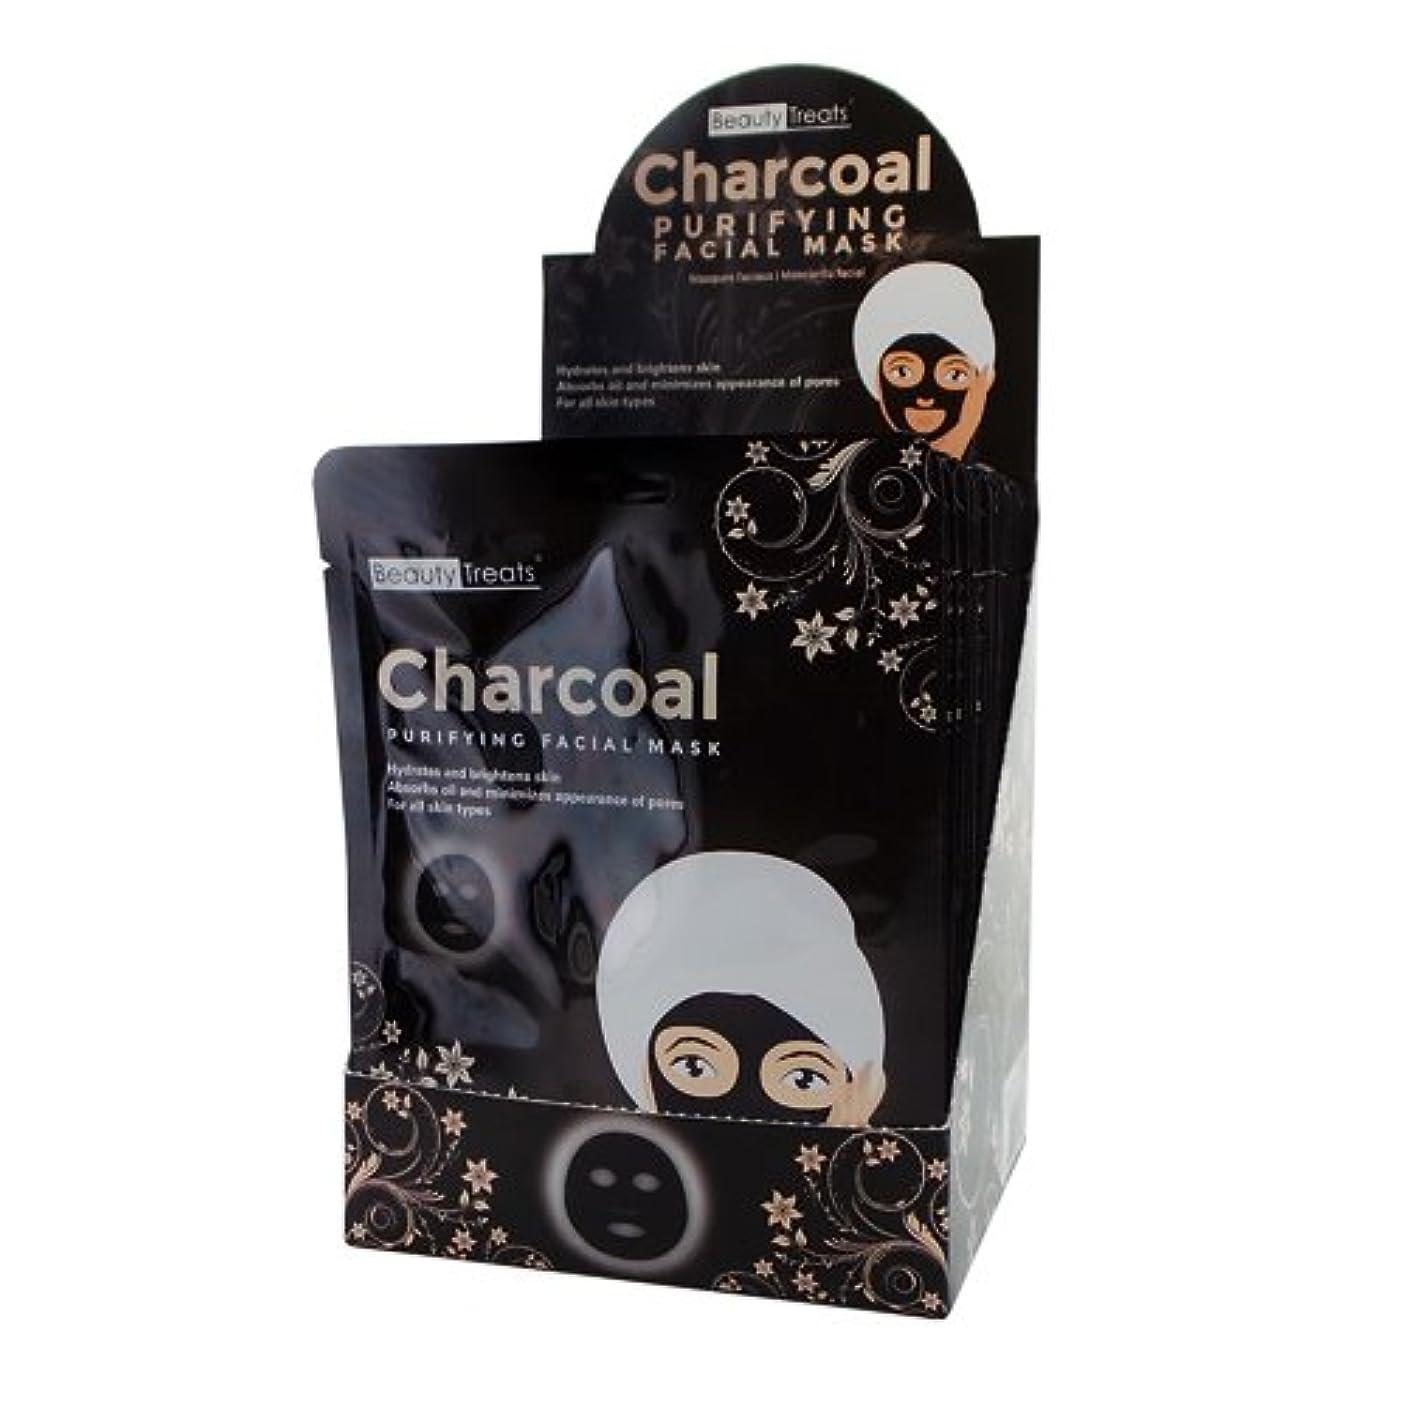 振る舞いまどろみのあるダメージBEAUTY TREATS Charcoal Purifying Facial Mask Display Box - 24 Pieces (並行輸入品)